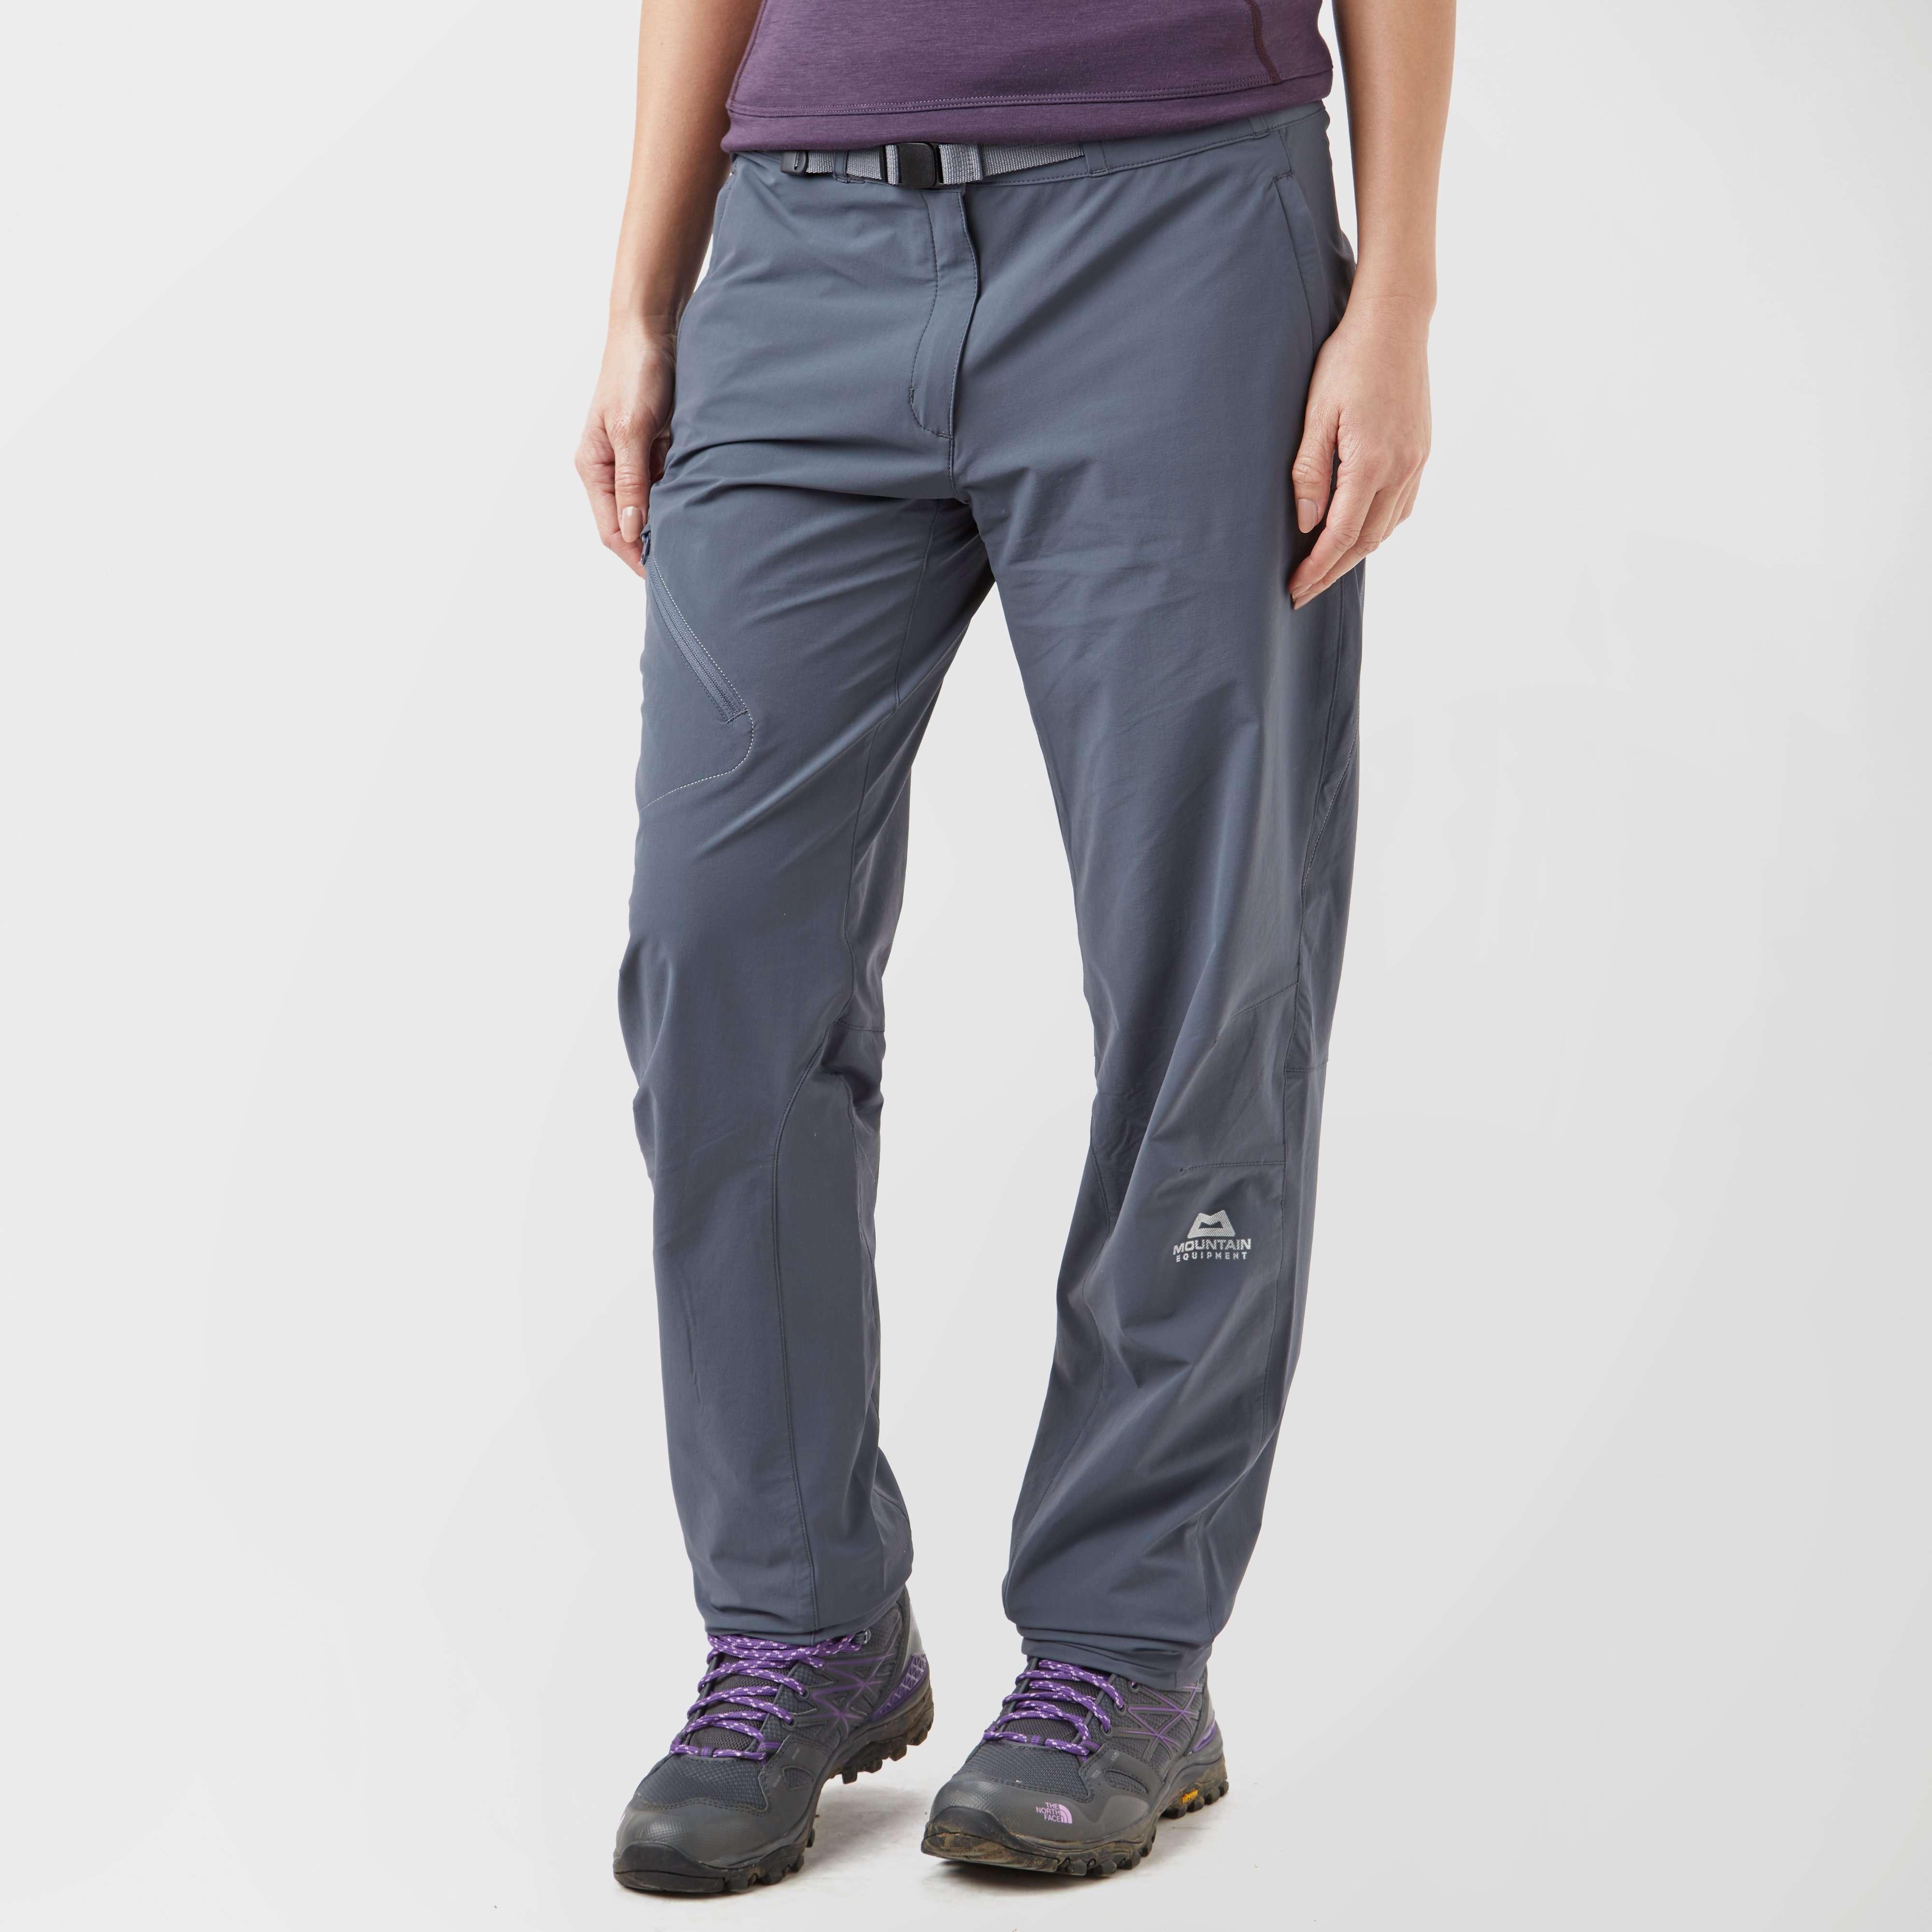 MOUNTAIN EQUIPMENT Women's Comici Pants